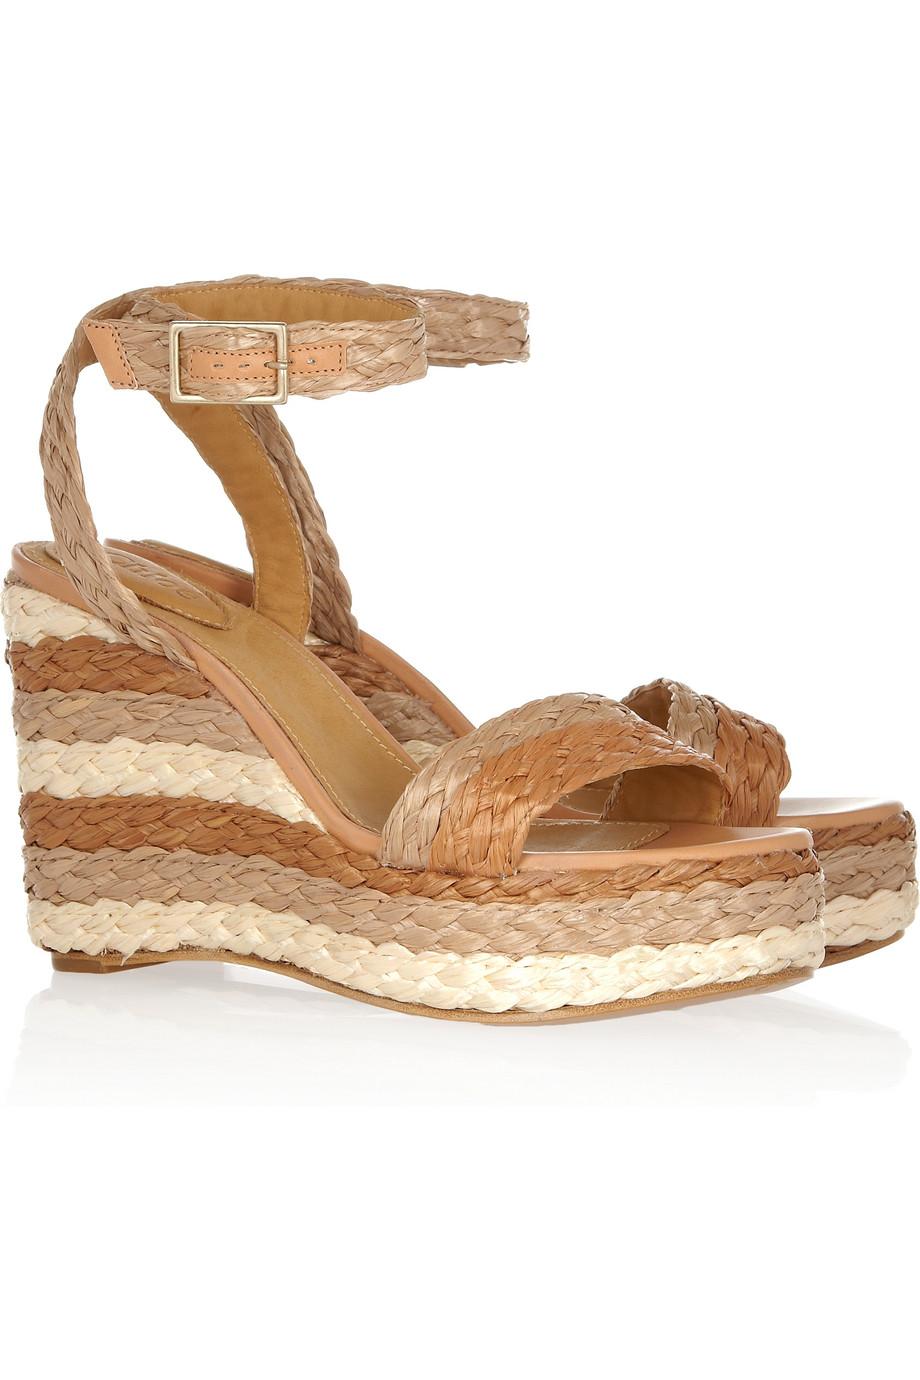 ad33b07cc6b1 Lyst - Chloé Halter Ankle Raffia Wedge Sandal in Brown